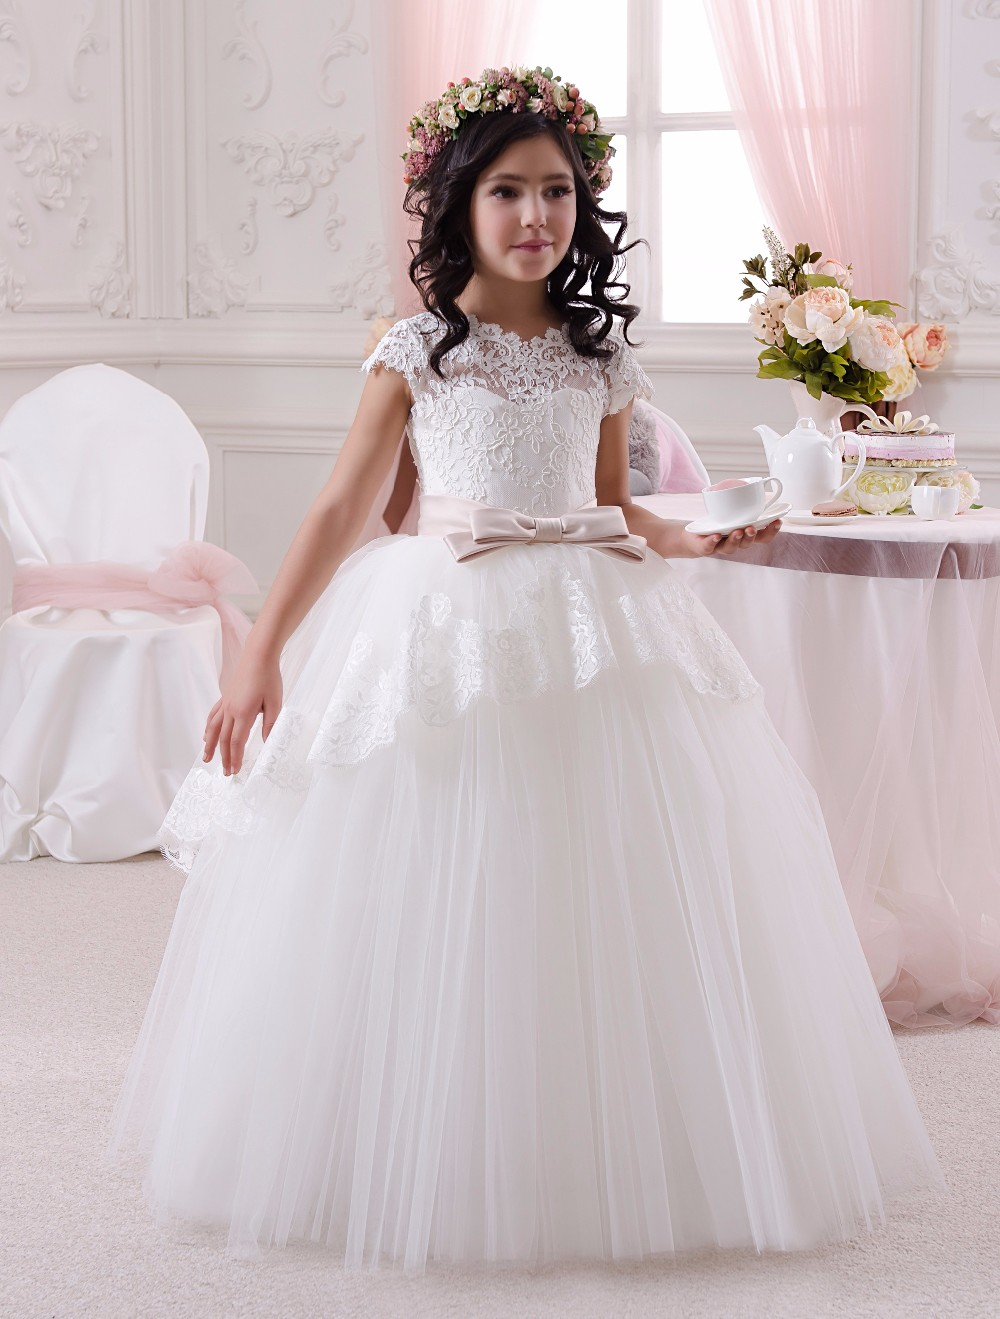 Robes de fille de fleur robes de première Communion filles enfants robes de soirée de bal blanc Satin dentelle arc ceinture enfants robe de mariée